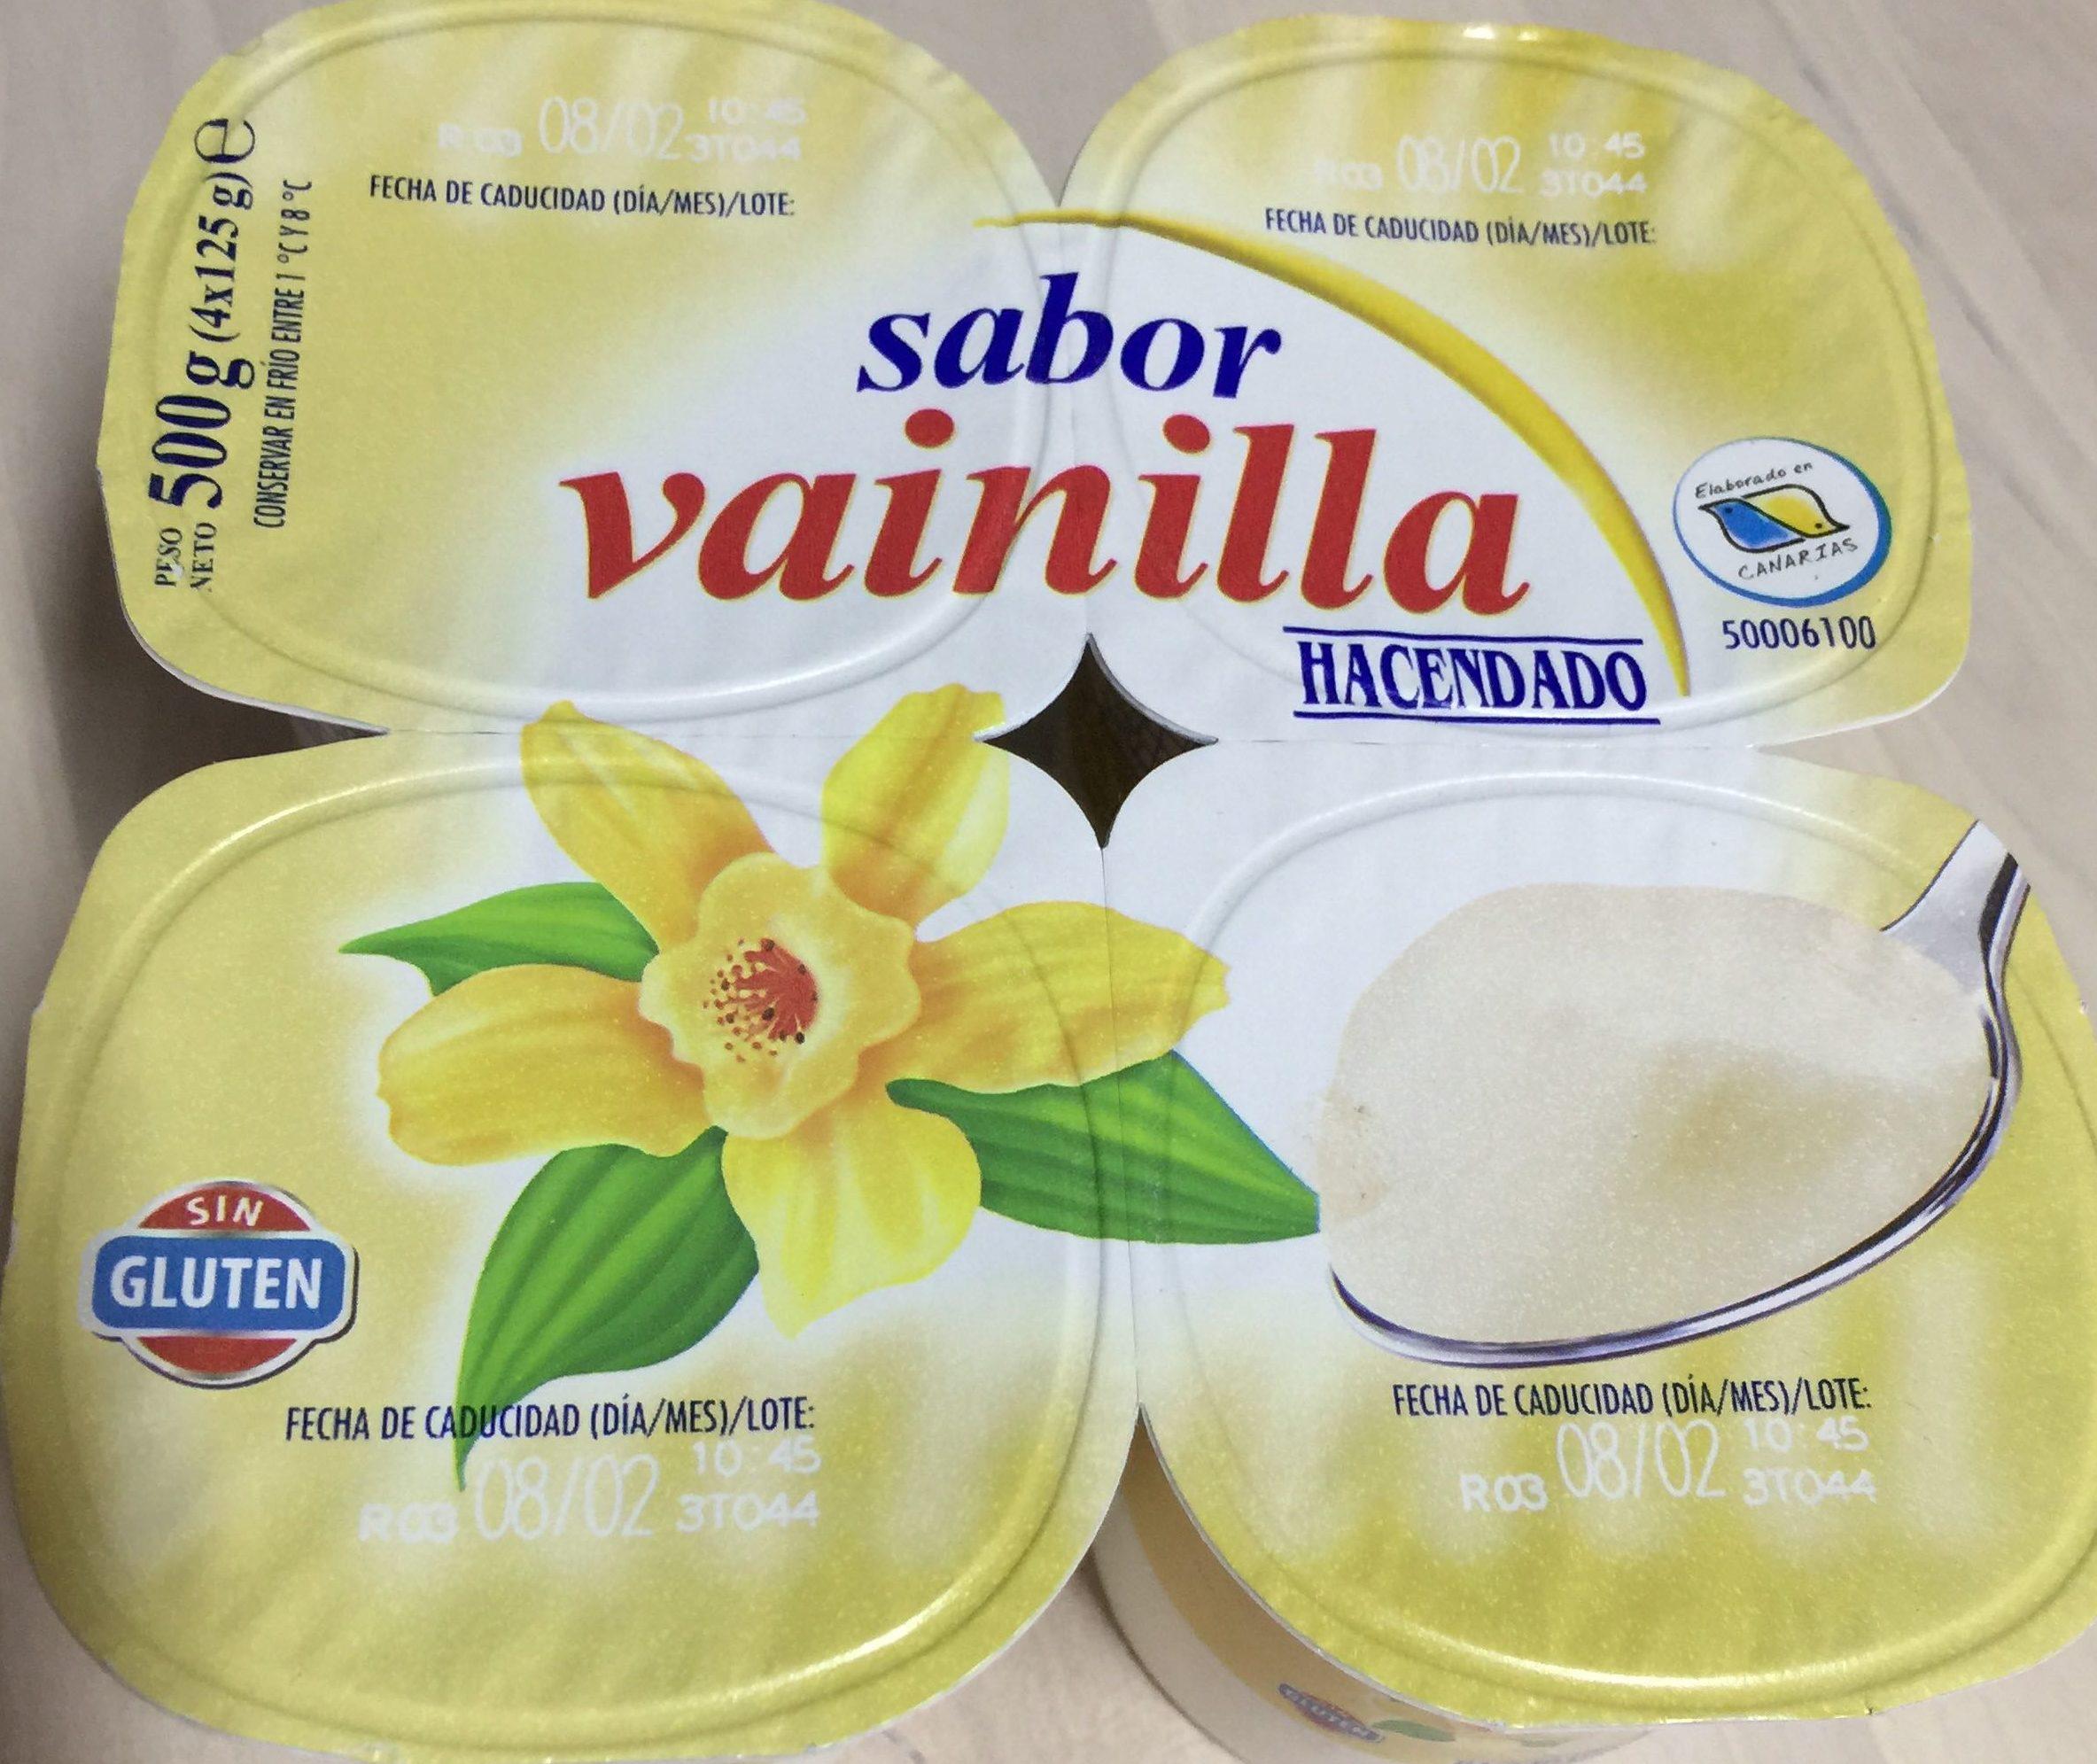 Yogur vainilla - Producto - es